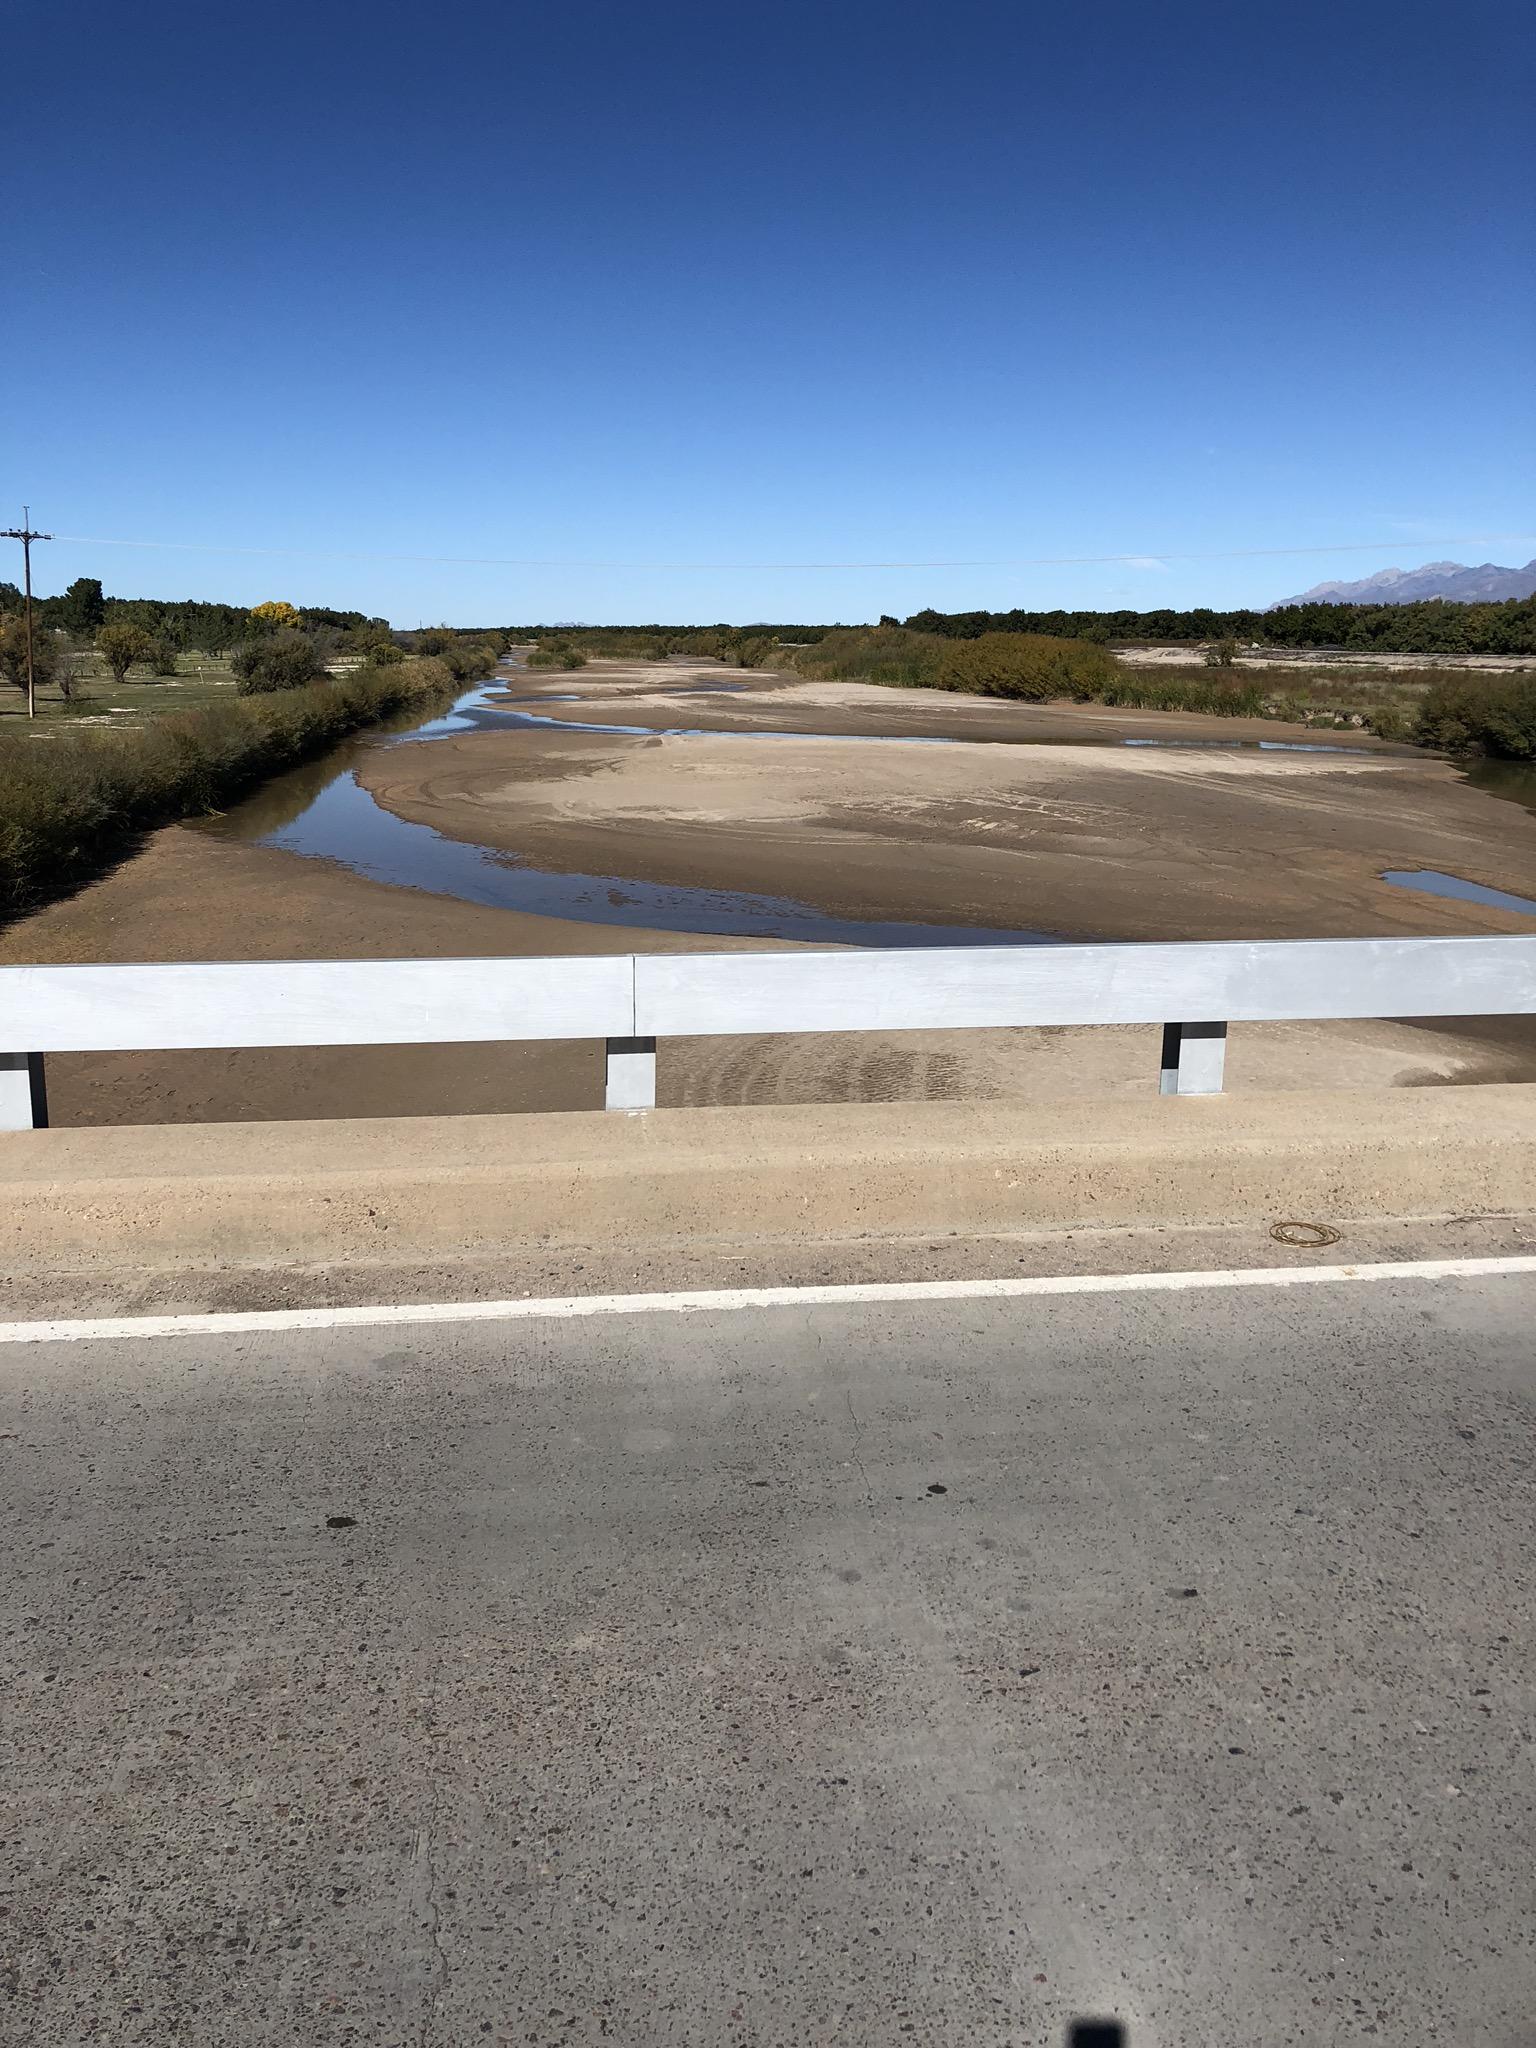 Rio Grande river.